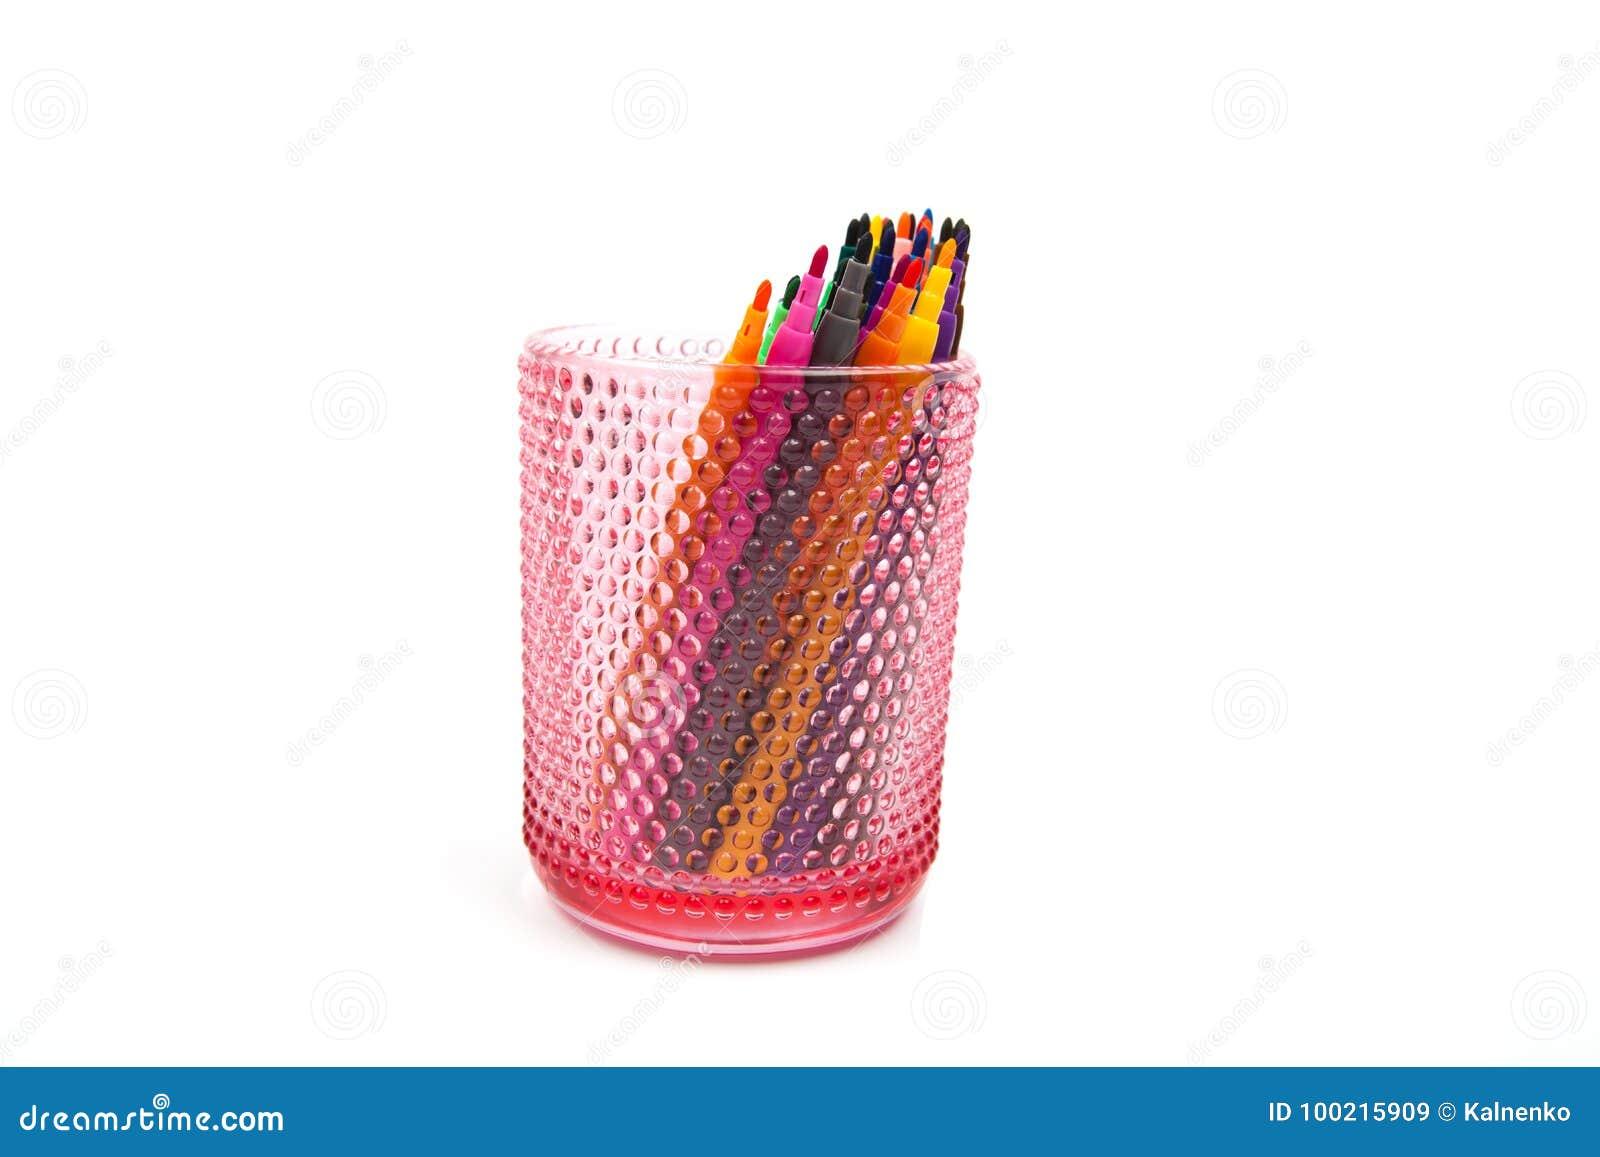 Groupe De Crayons Feutre De Couleur Dans Un Verre Fond Blanc Image